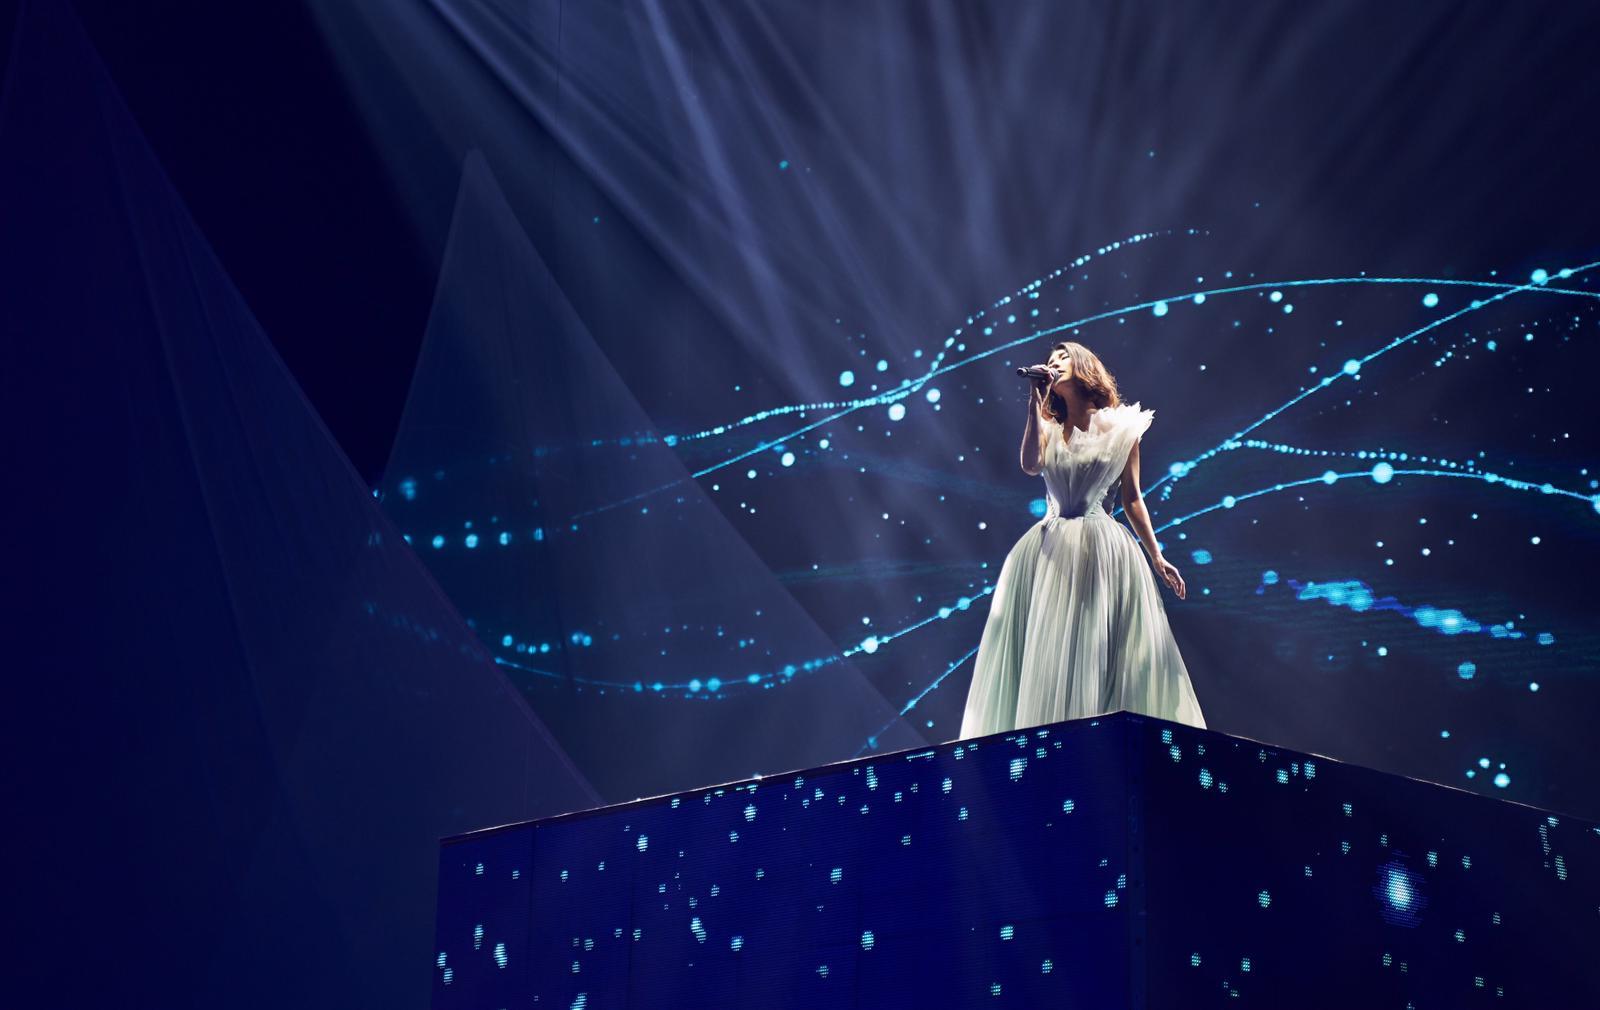 以「女神」造型現身舞台上的琇琇獻唱《芙烈亞》揭開演唱會序幕。